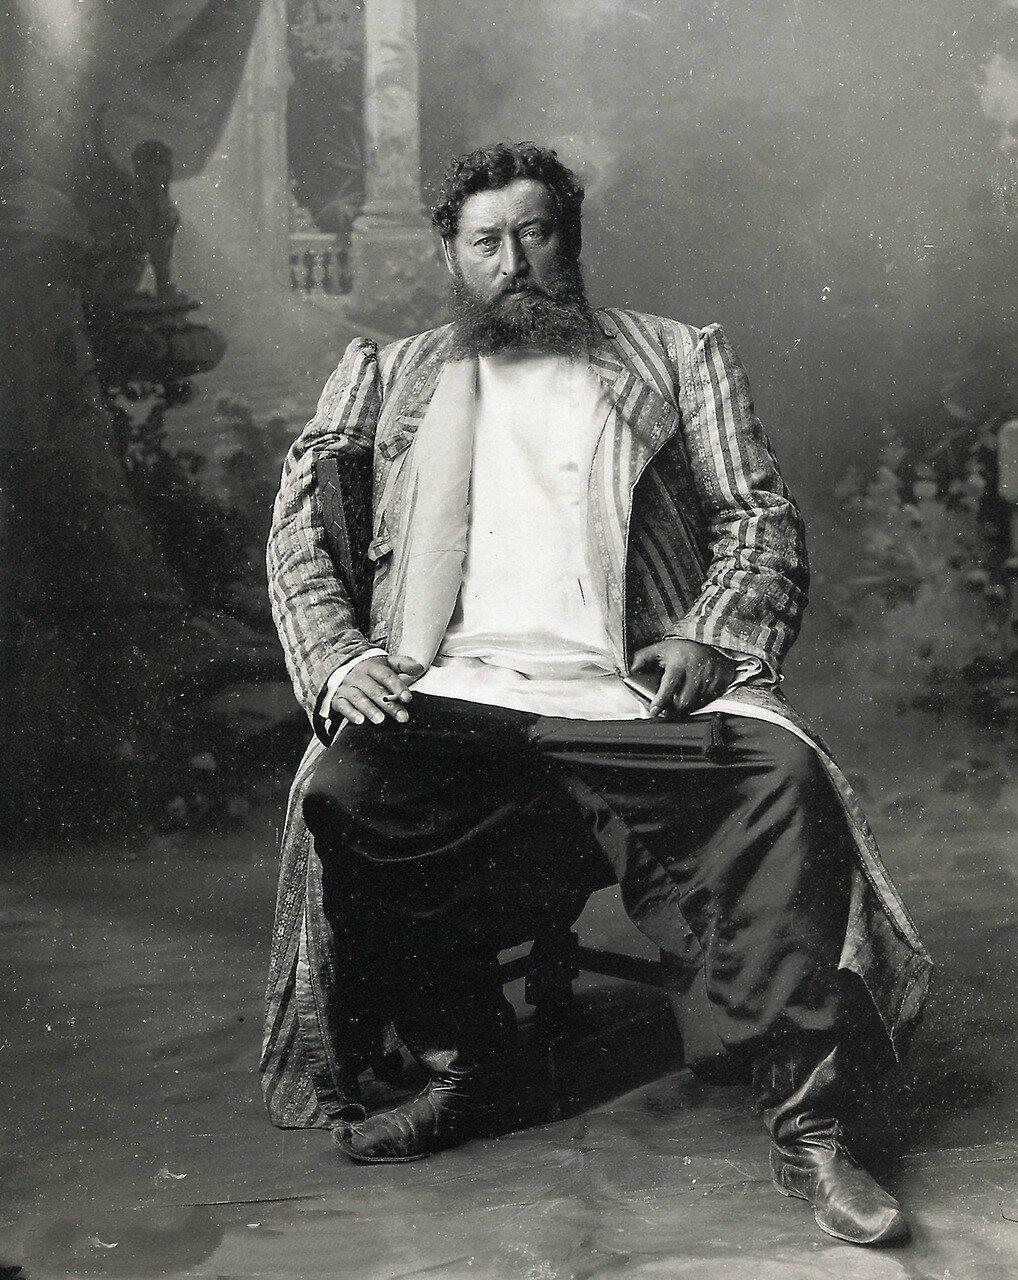 1890-е. Нижний Новгород. Поставщик шпал для железной дороги Ознобишин